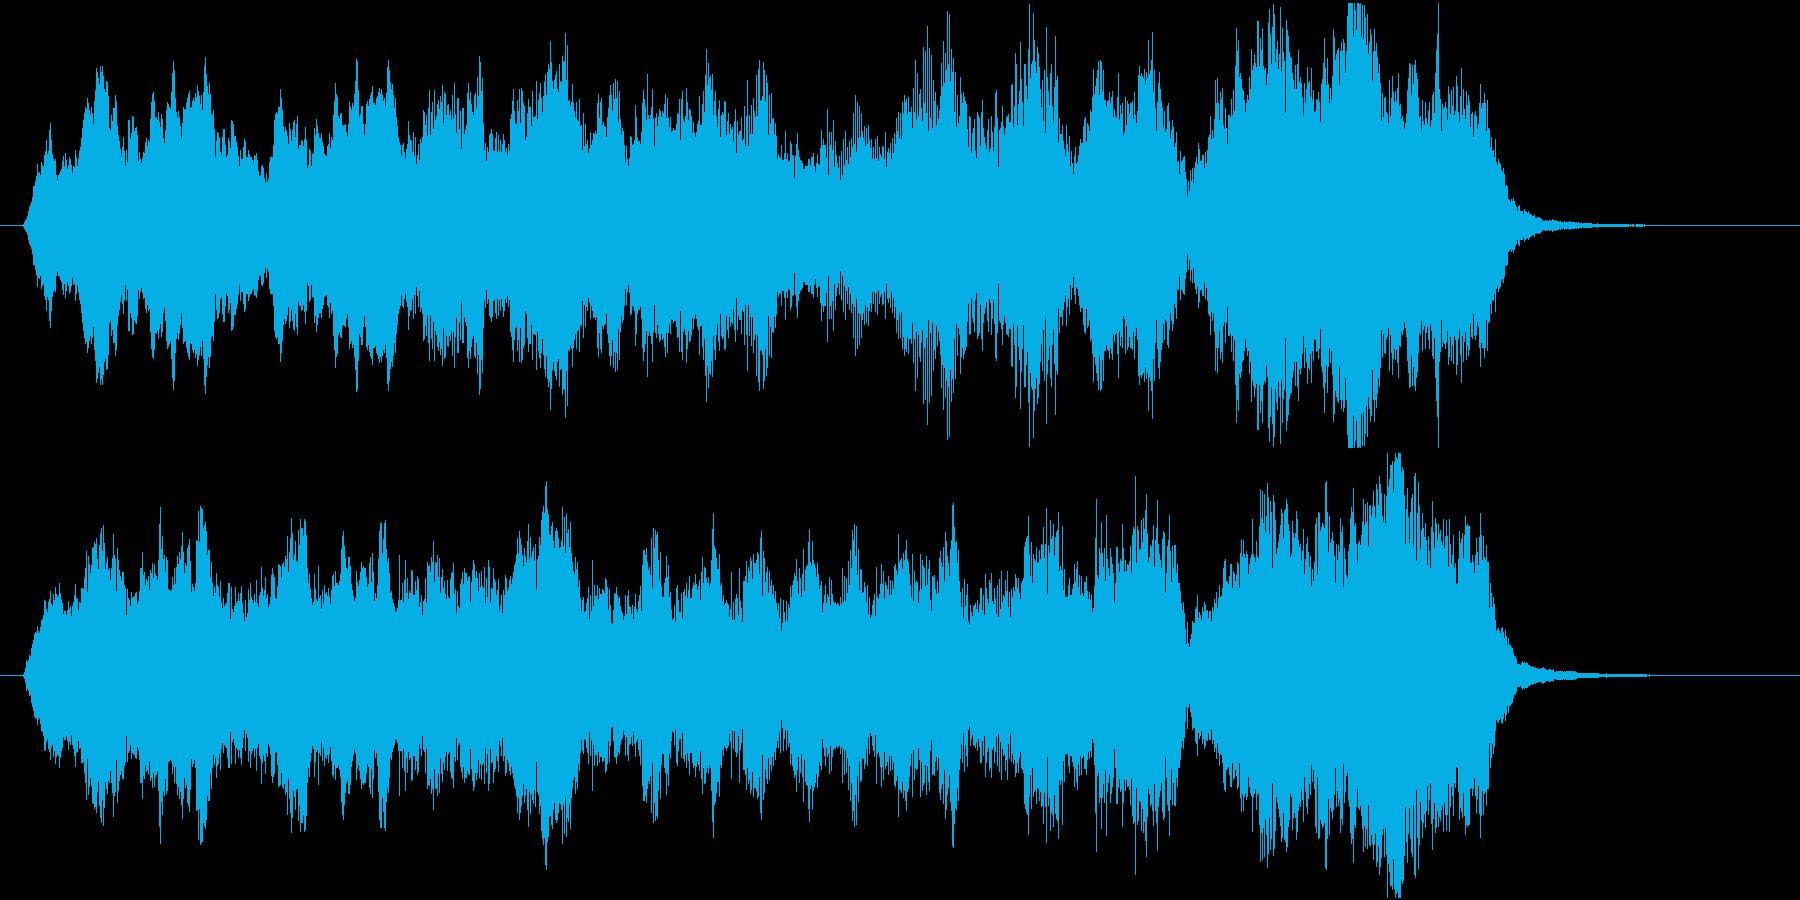 15秒CMサイズの18 心癒す弦楽四重奏の再生済みの波形